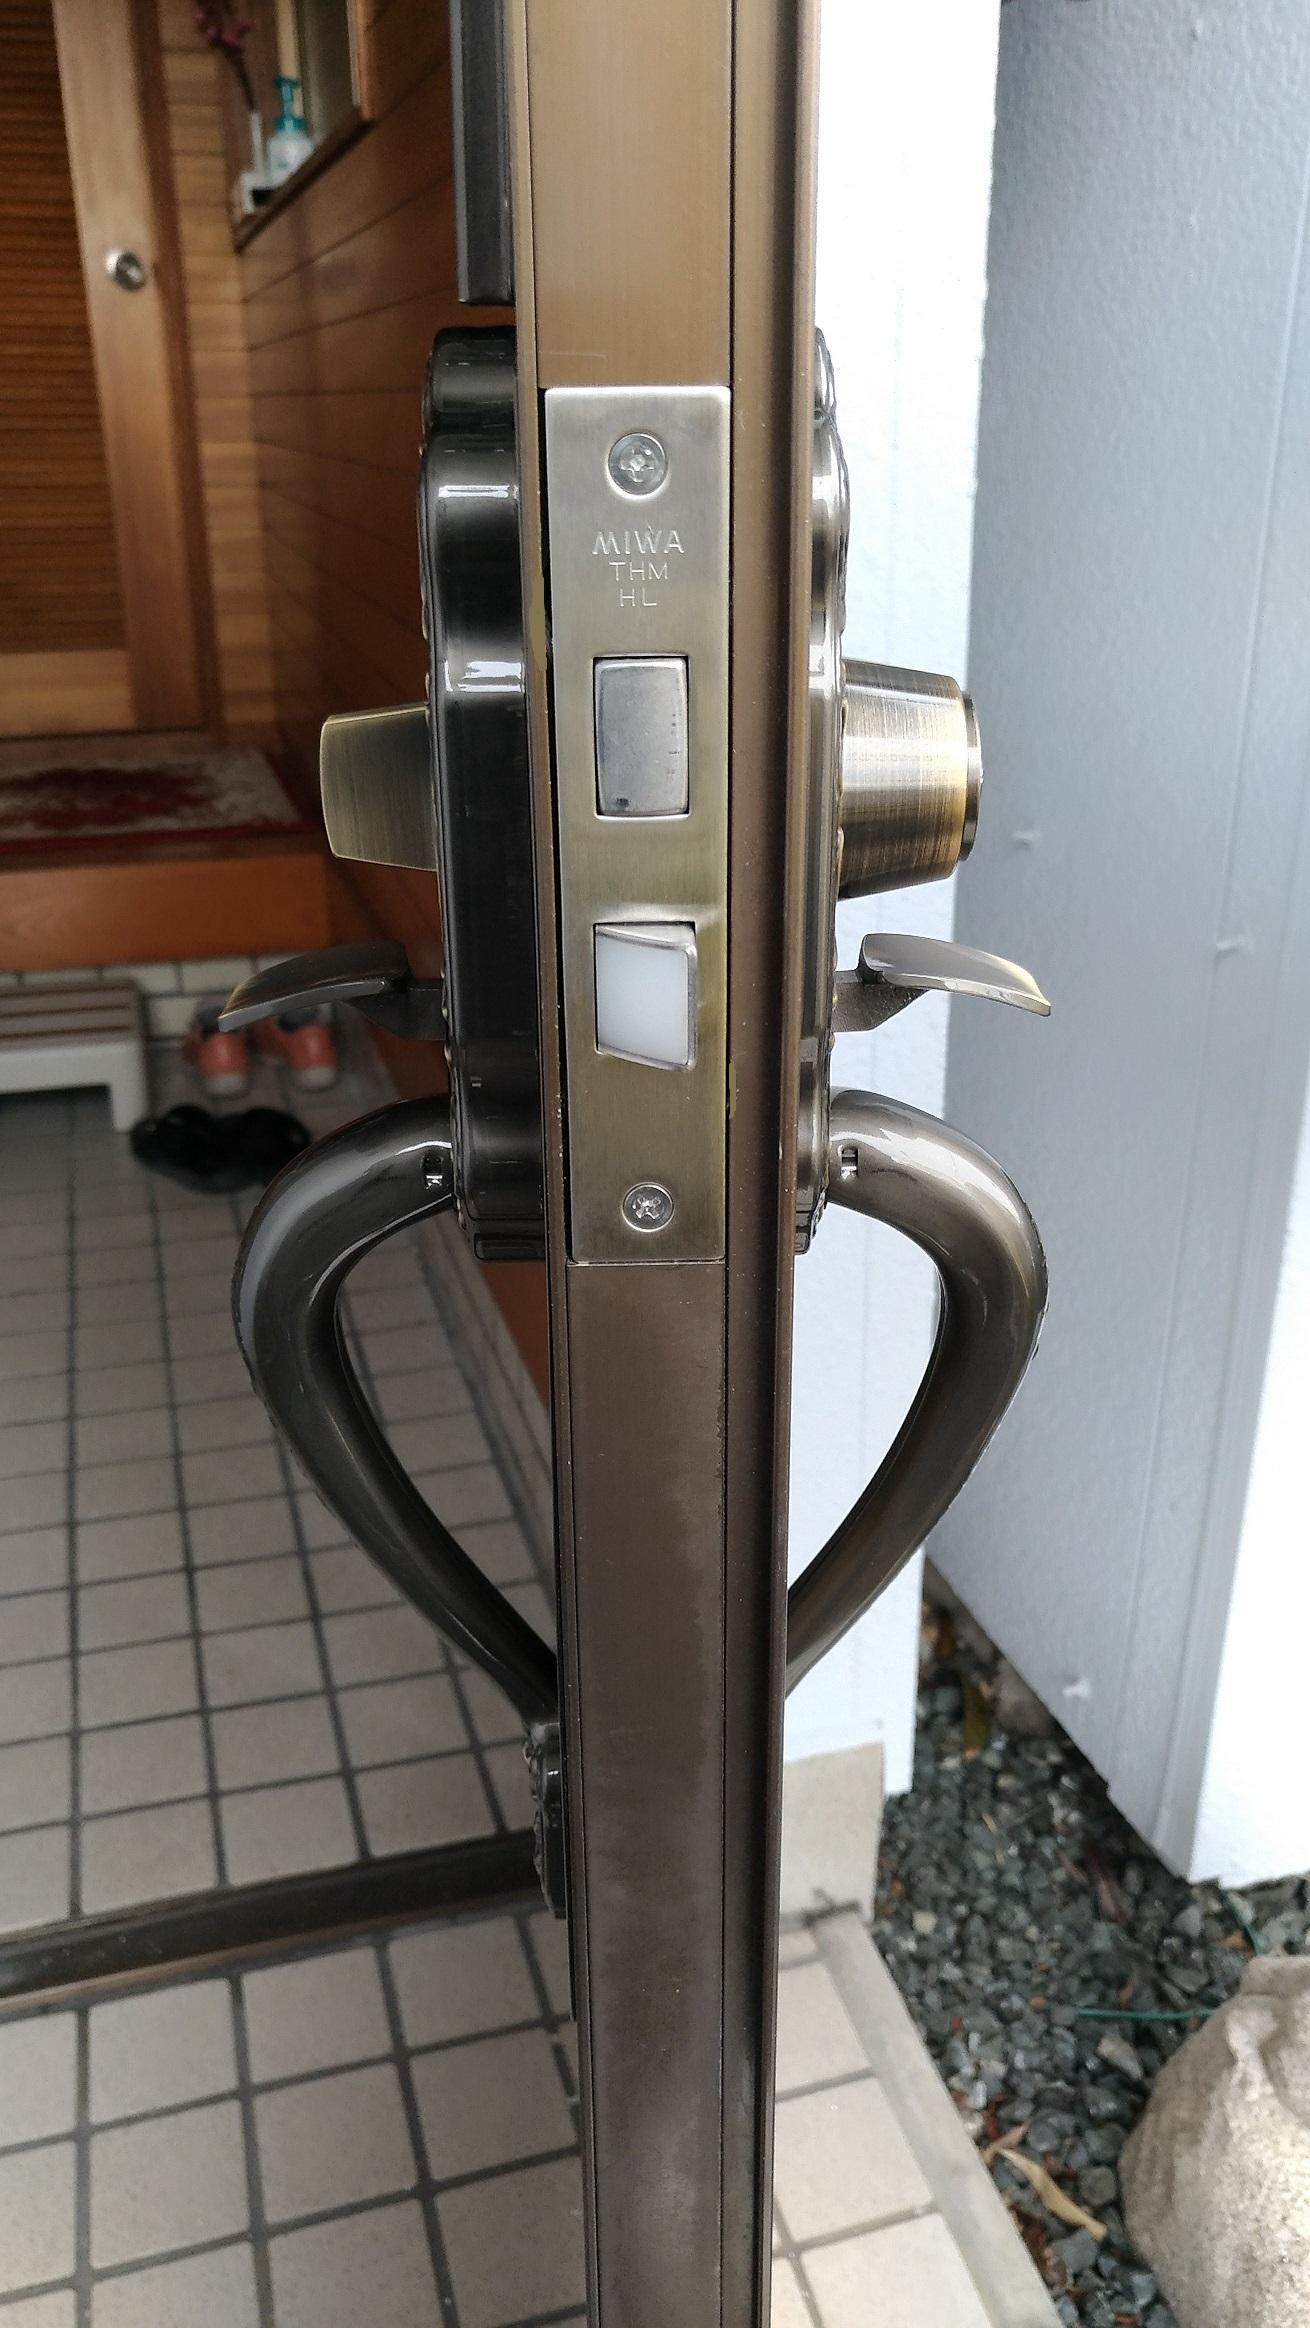 THMT-1LSはGB-50と違って室内側もサムラッチ錠になっています。